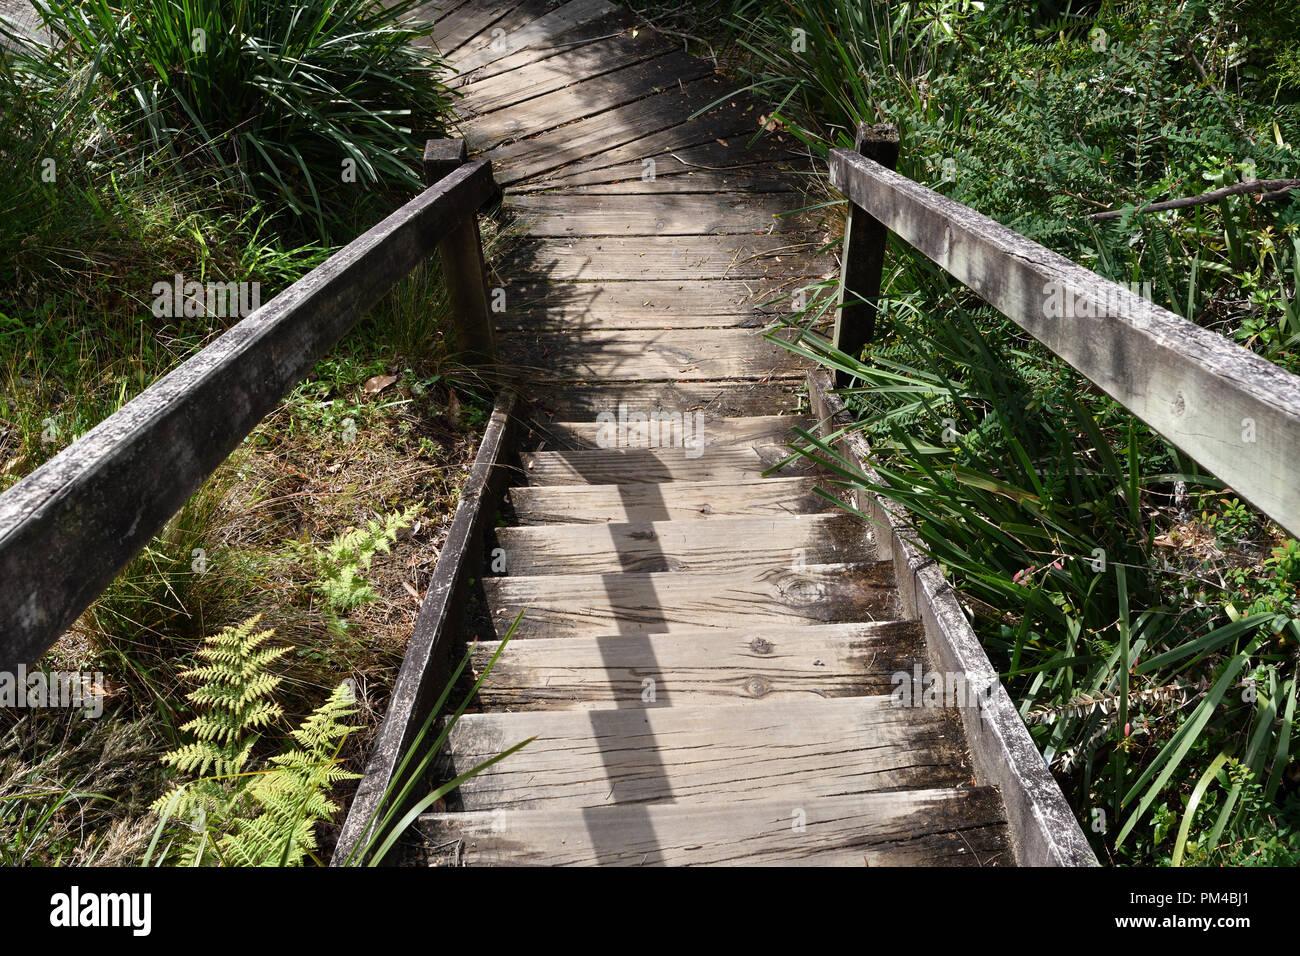 En descendant un escalier en bois à l'extérieur Photo Stock